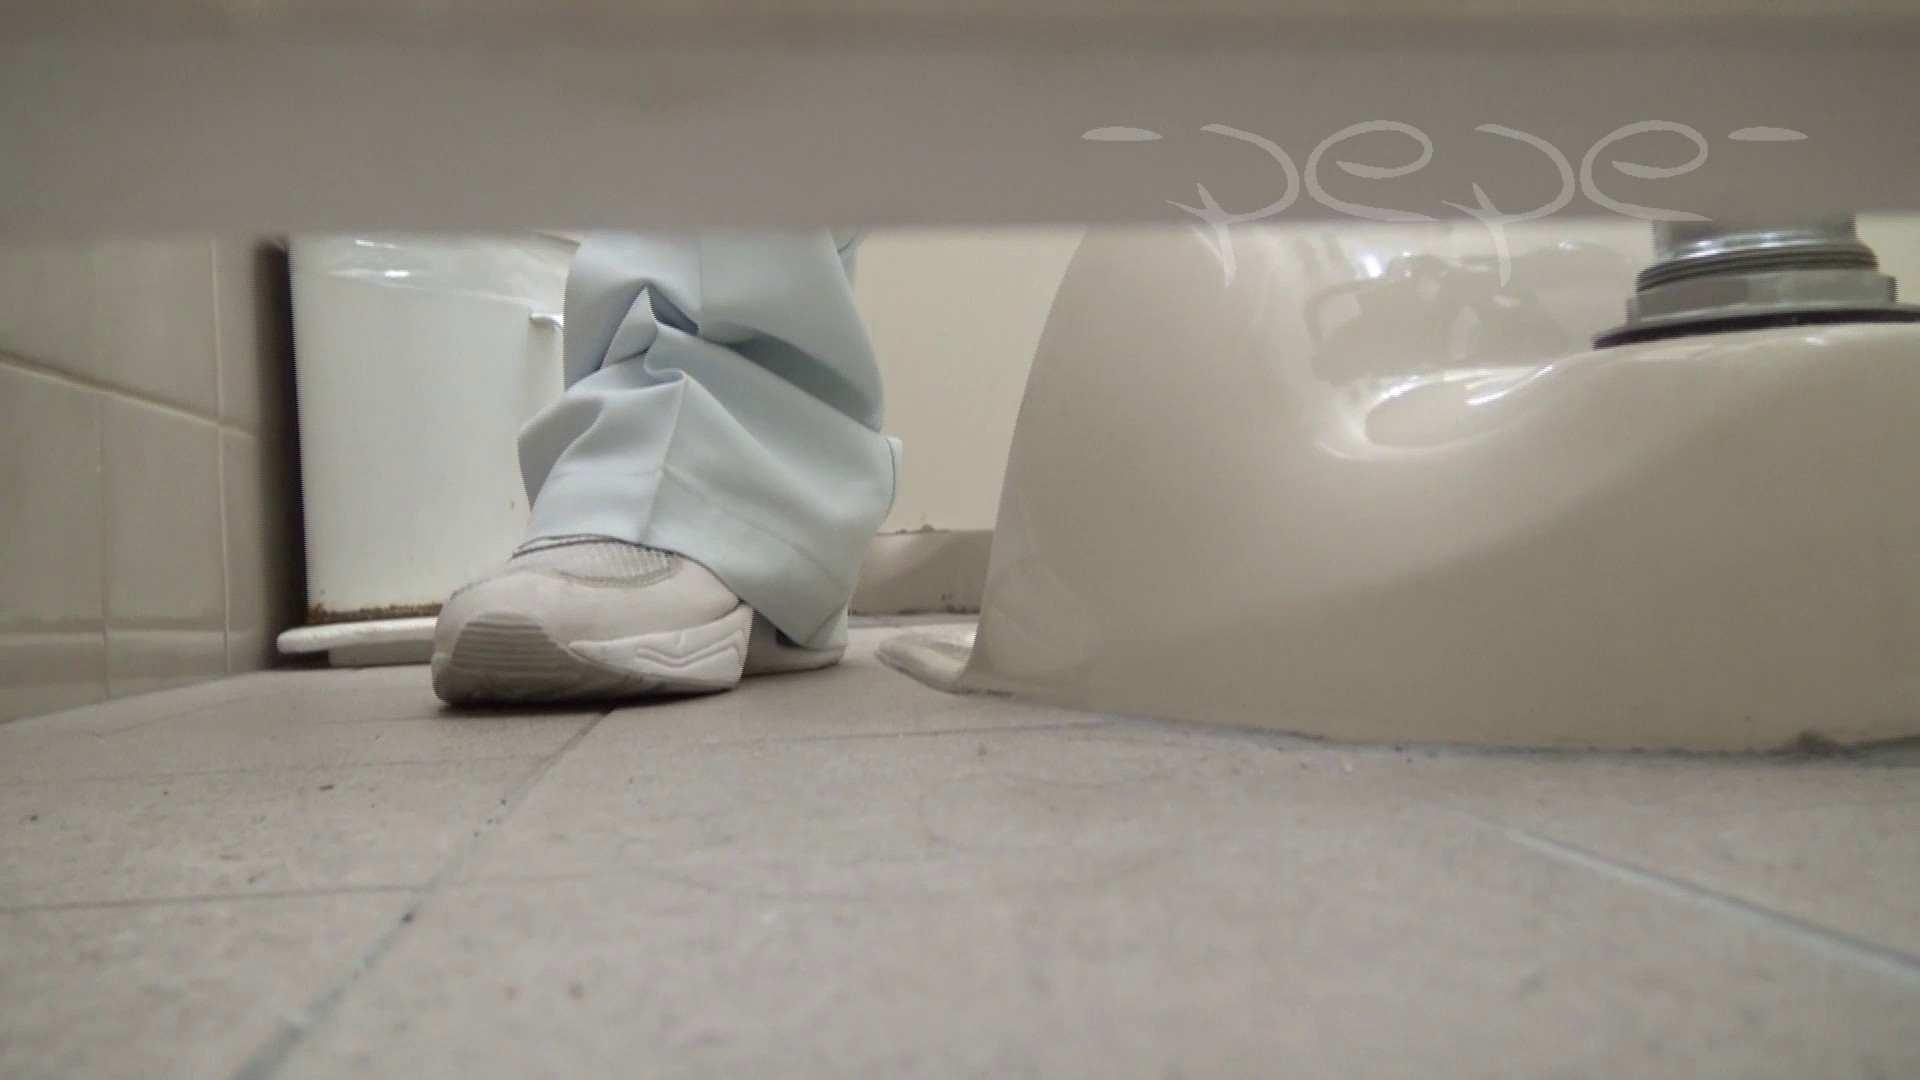 至高洗面所盗撮 01 至高の院内下方撮り 洗面所  70PIX 53